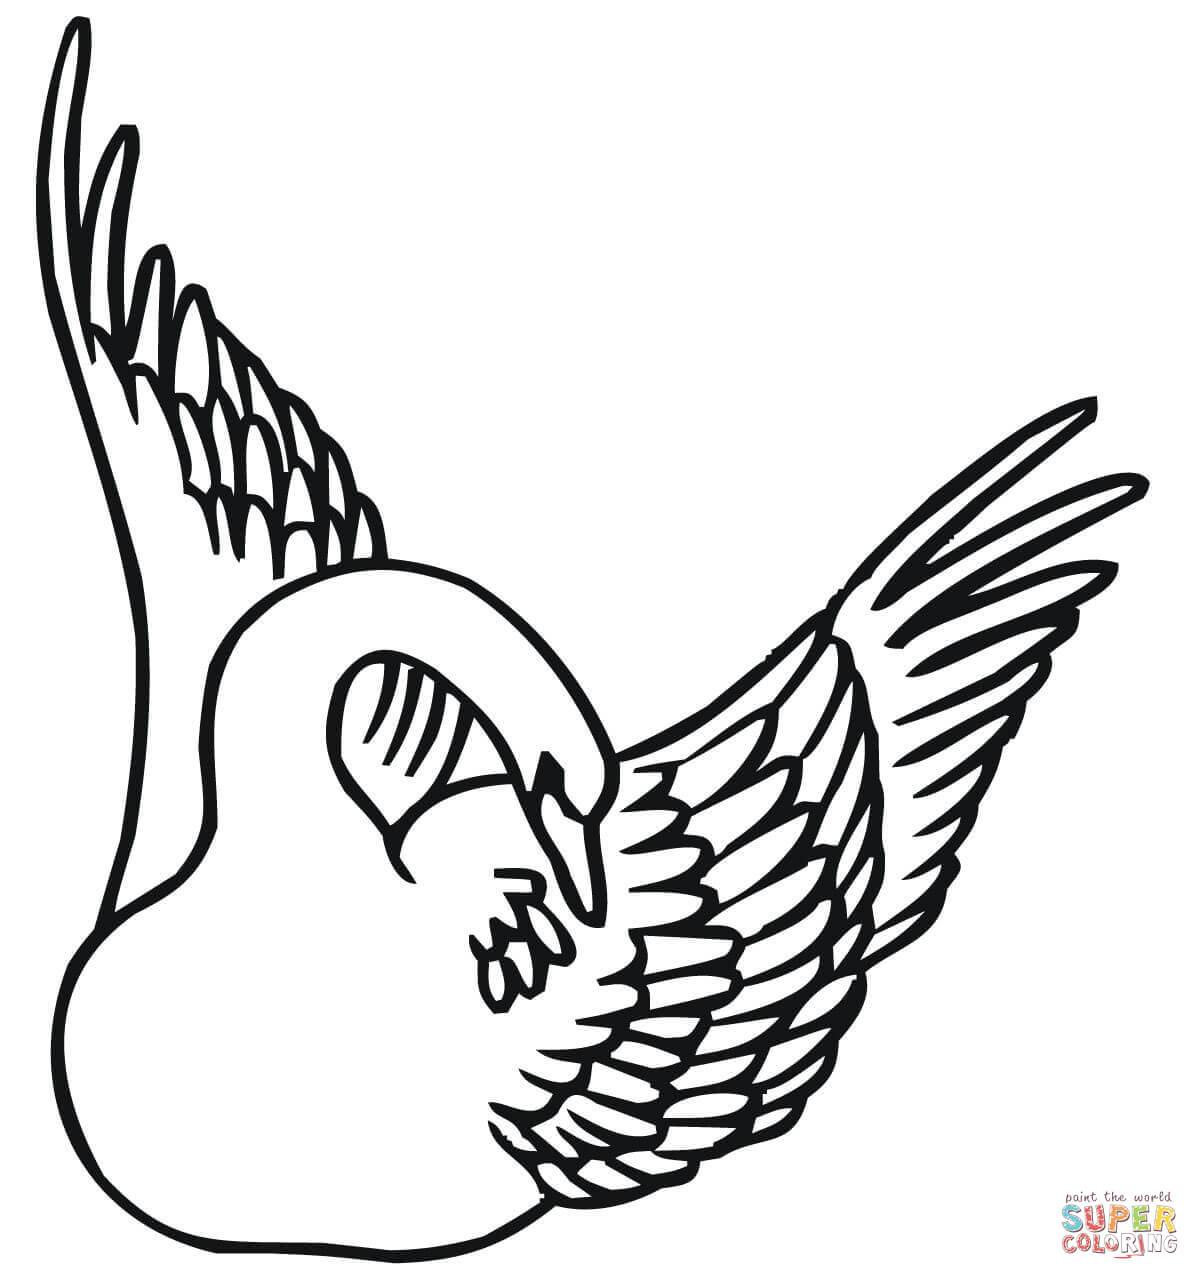 Dibujo De Cisne Nadando Con Las Alas Arriba Para Colorear